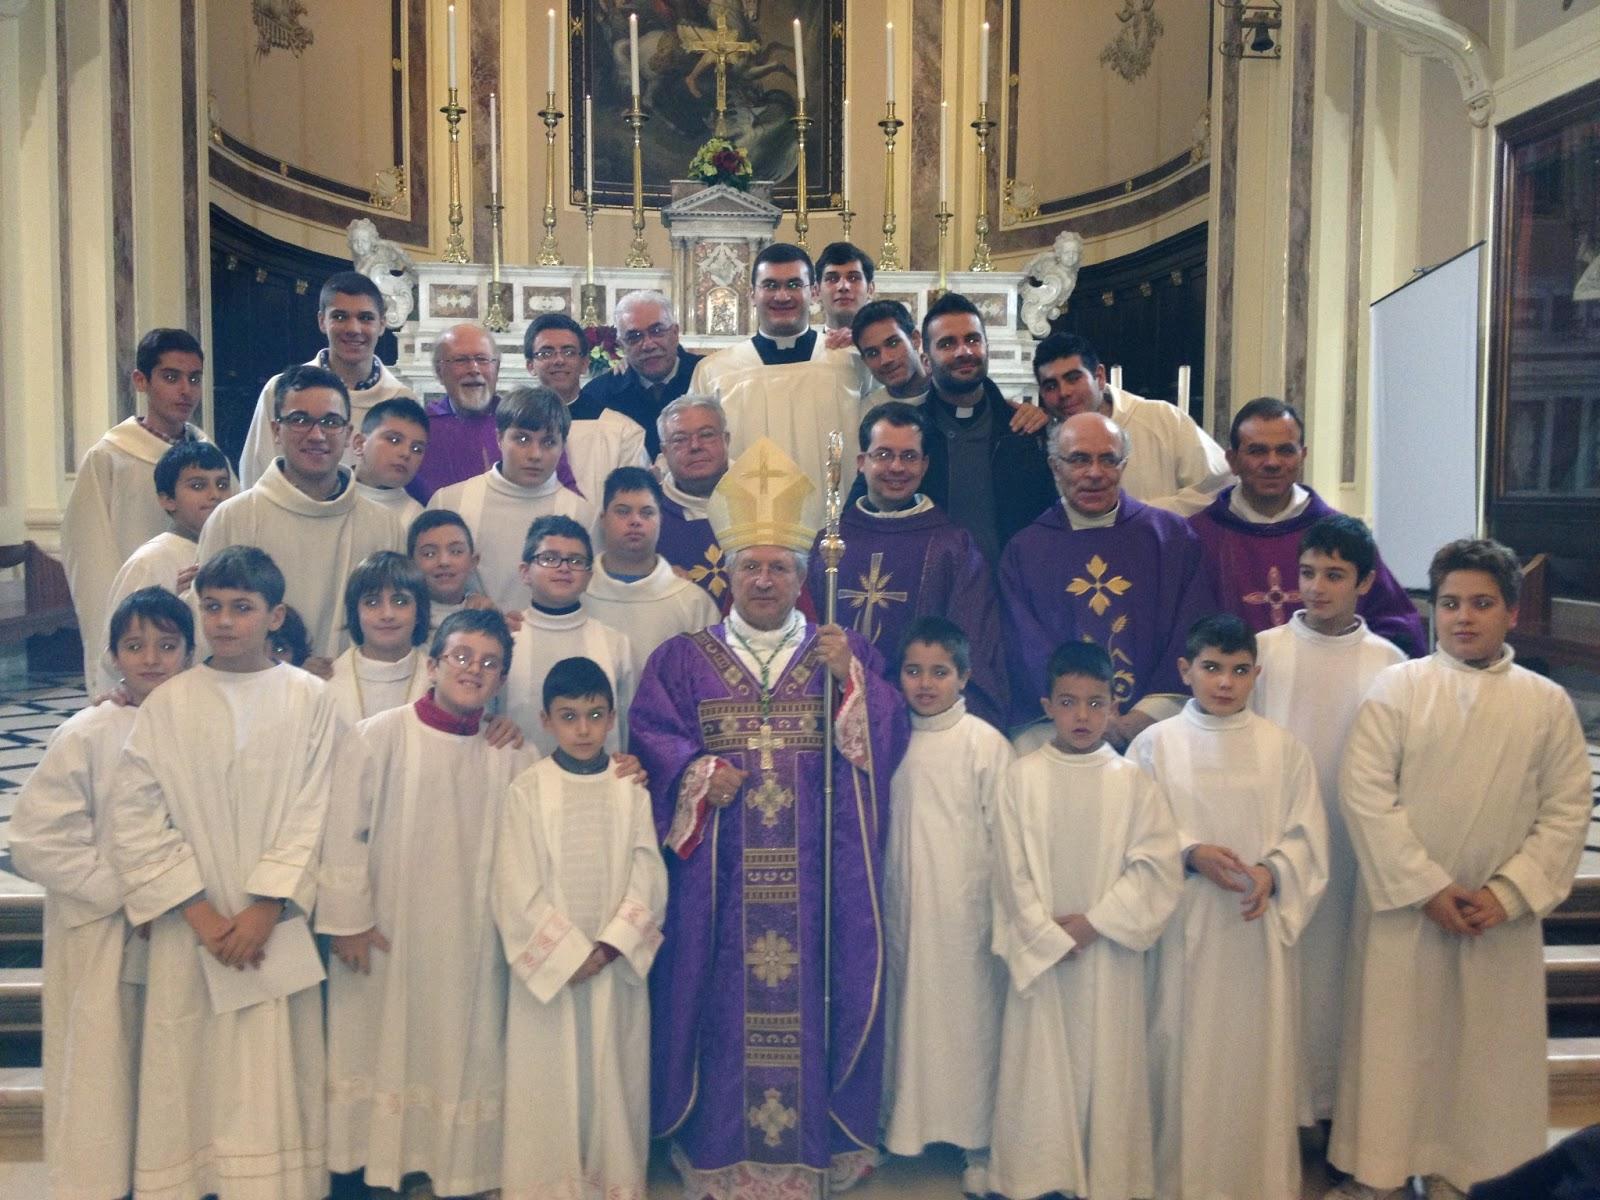 Auguri Di Buon Natale Al Vescovo.Gruppo Ministranti Auguri Di Natale Al Vescovo Rocco